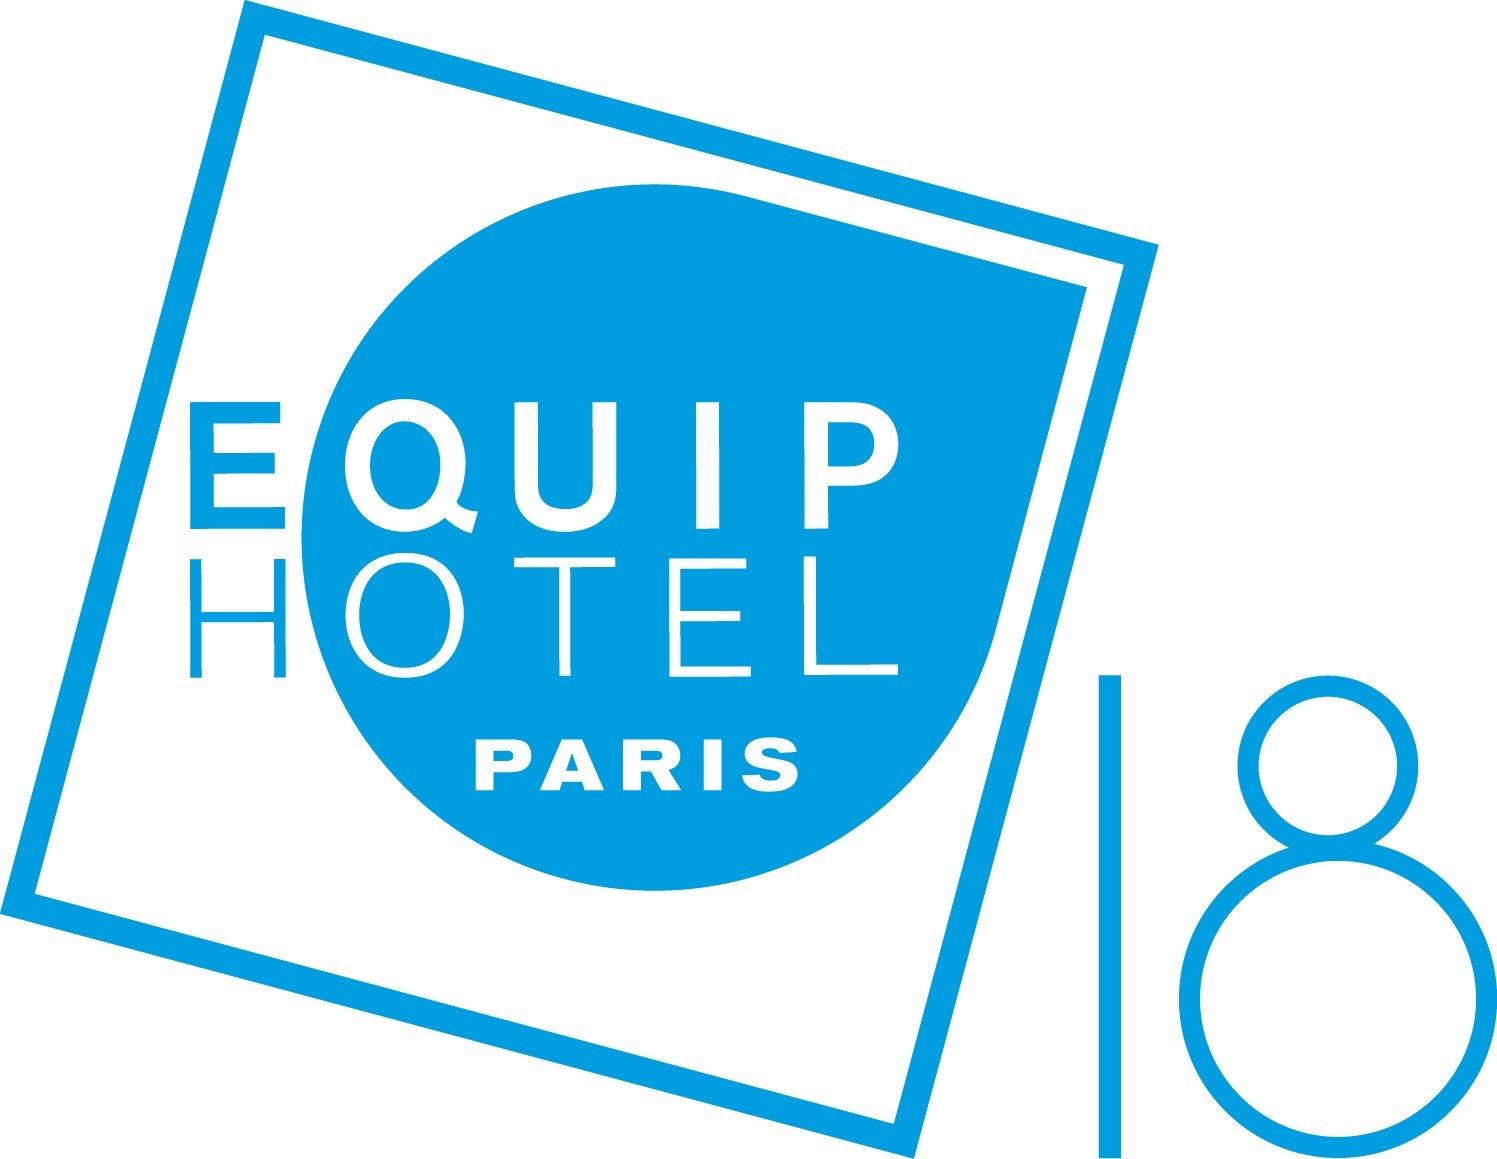 design Next design event in Paris – EquipHotel logo equiphotel 1